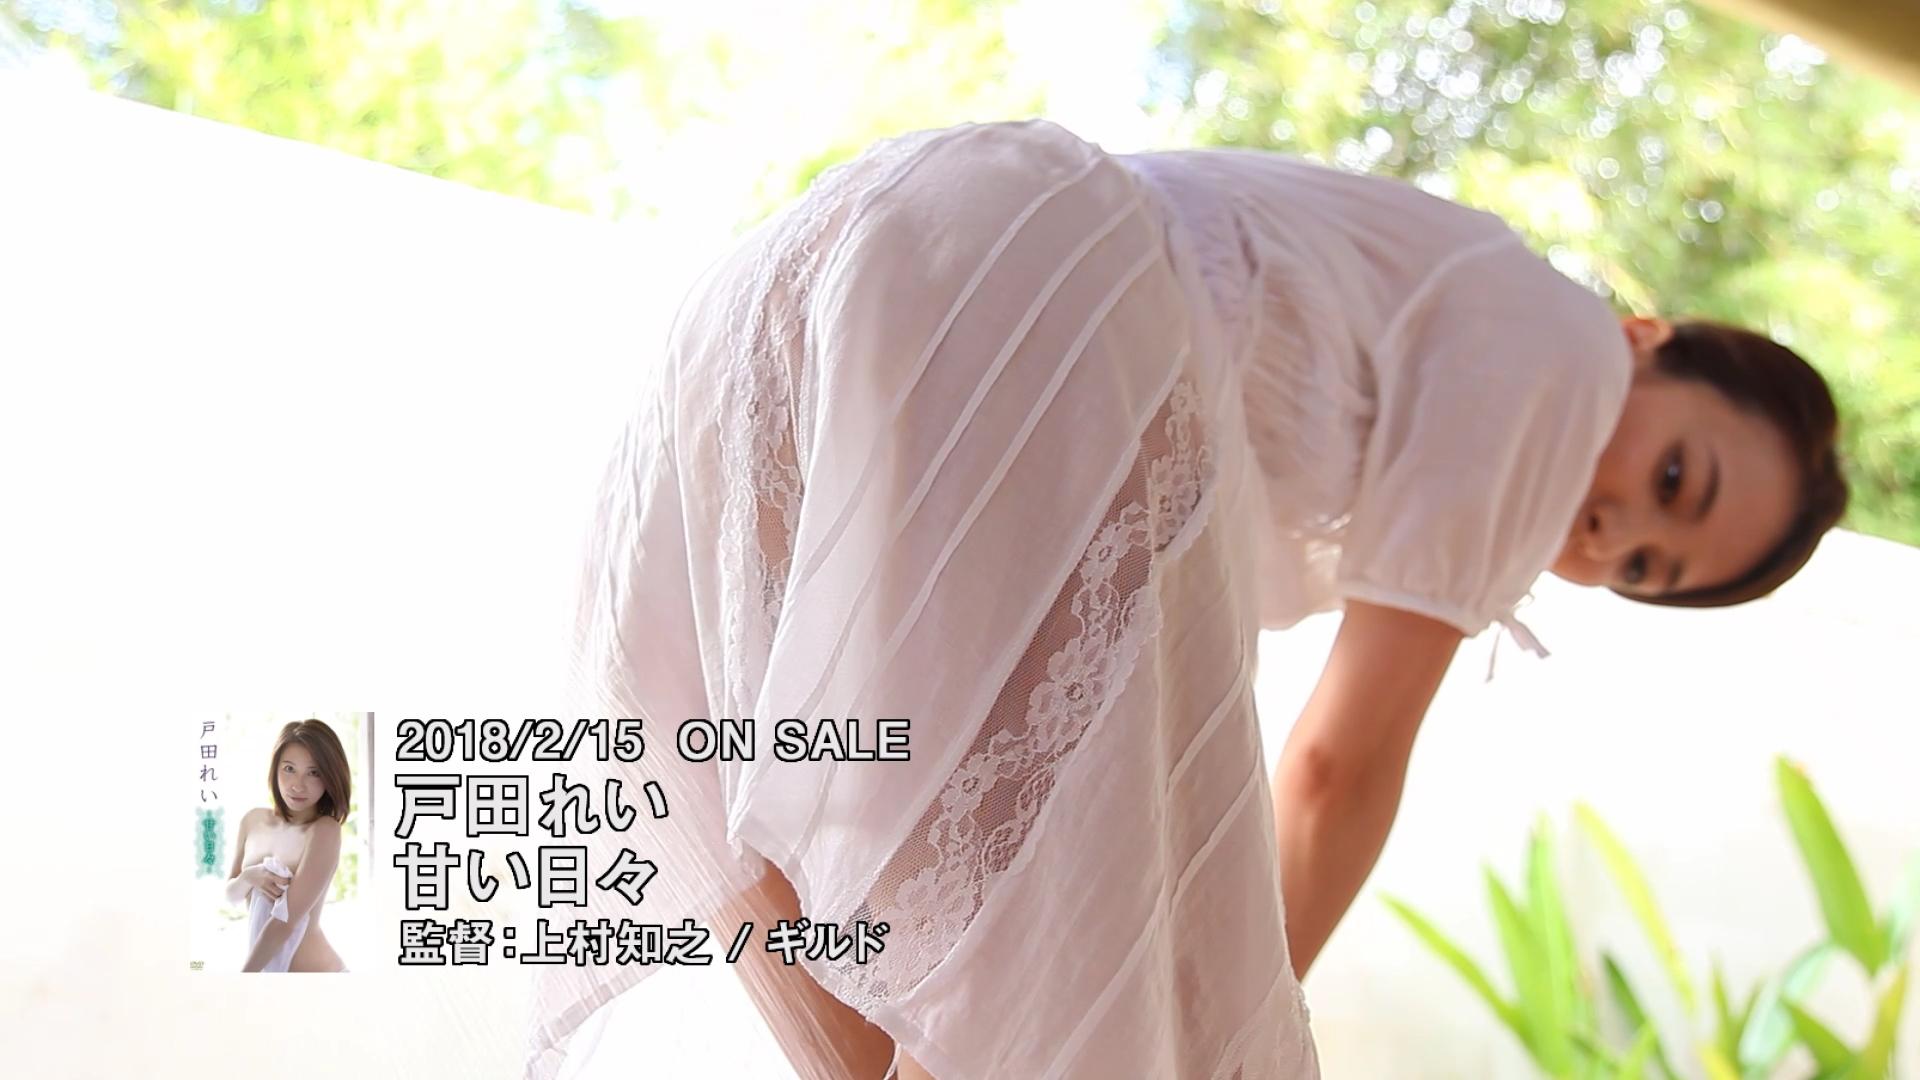 戸田れいのイメージDVDエロ画像022